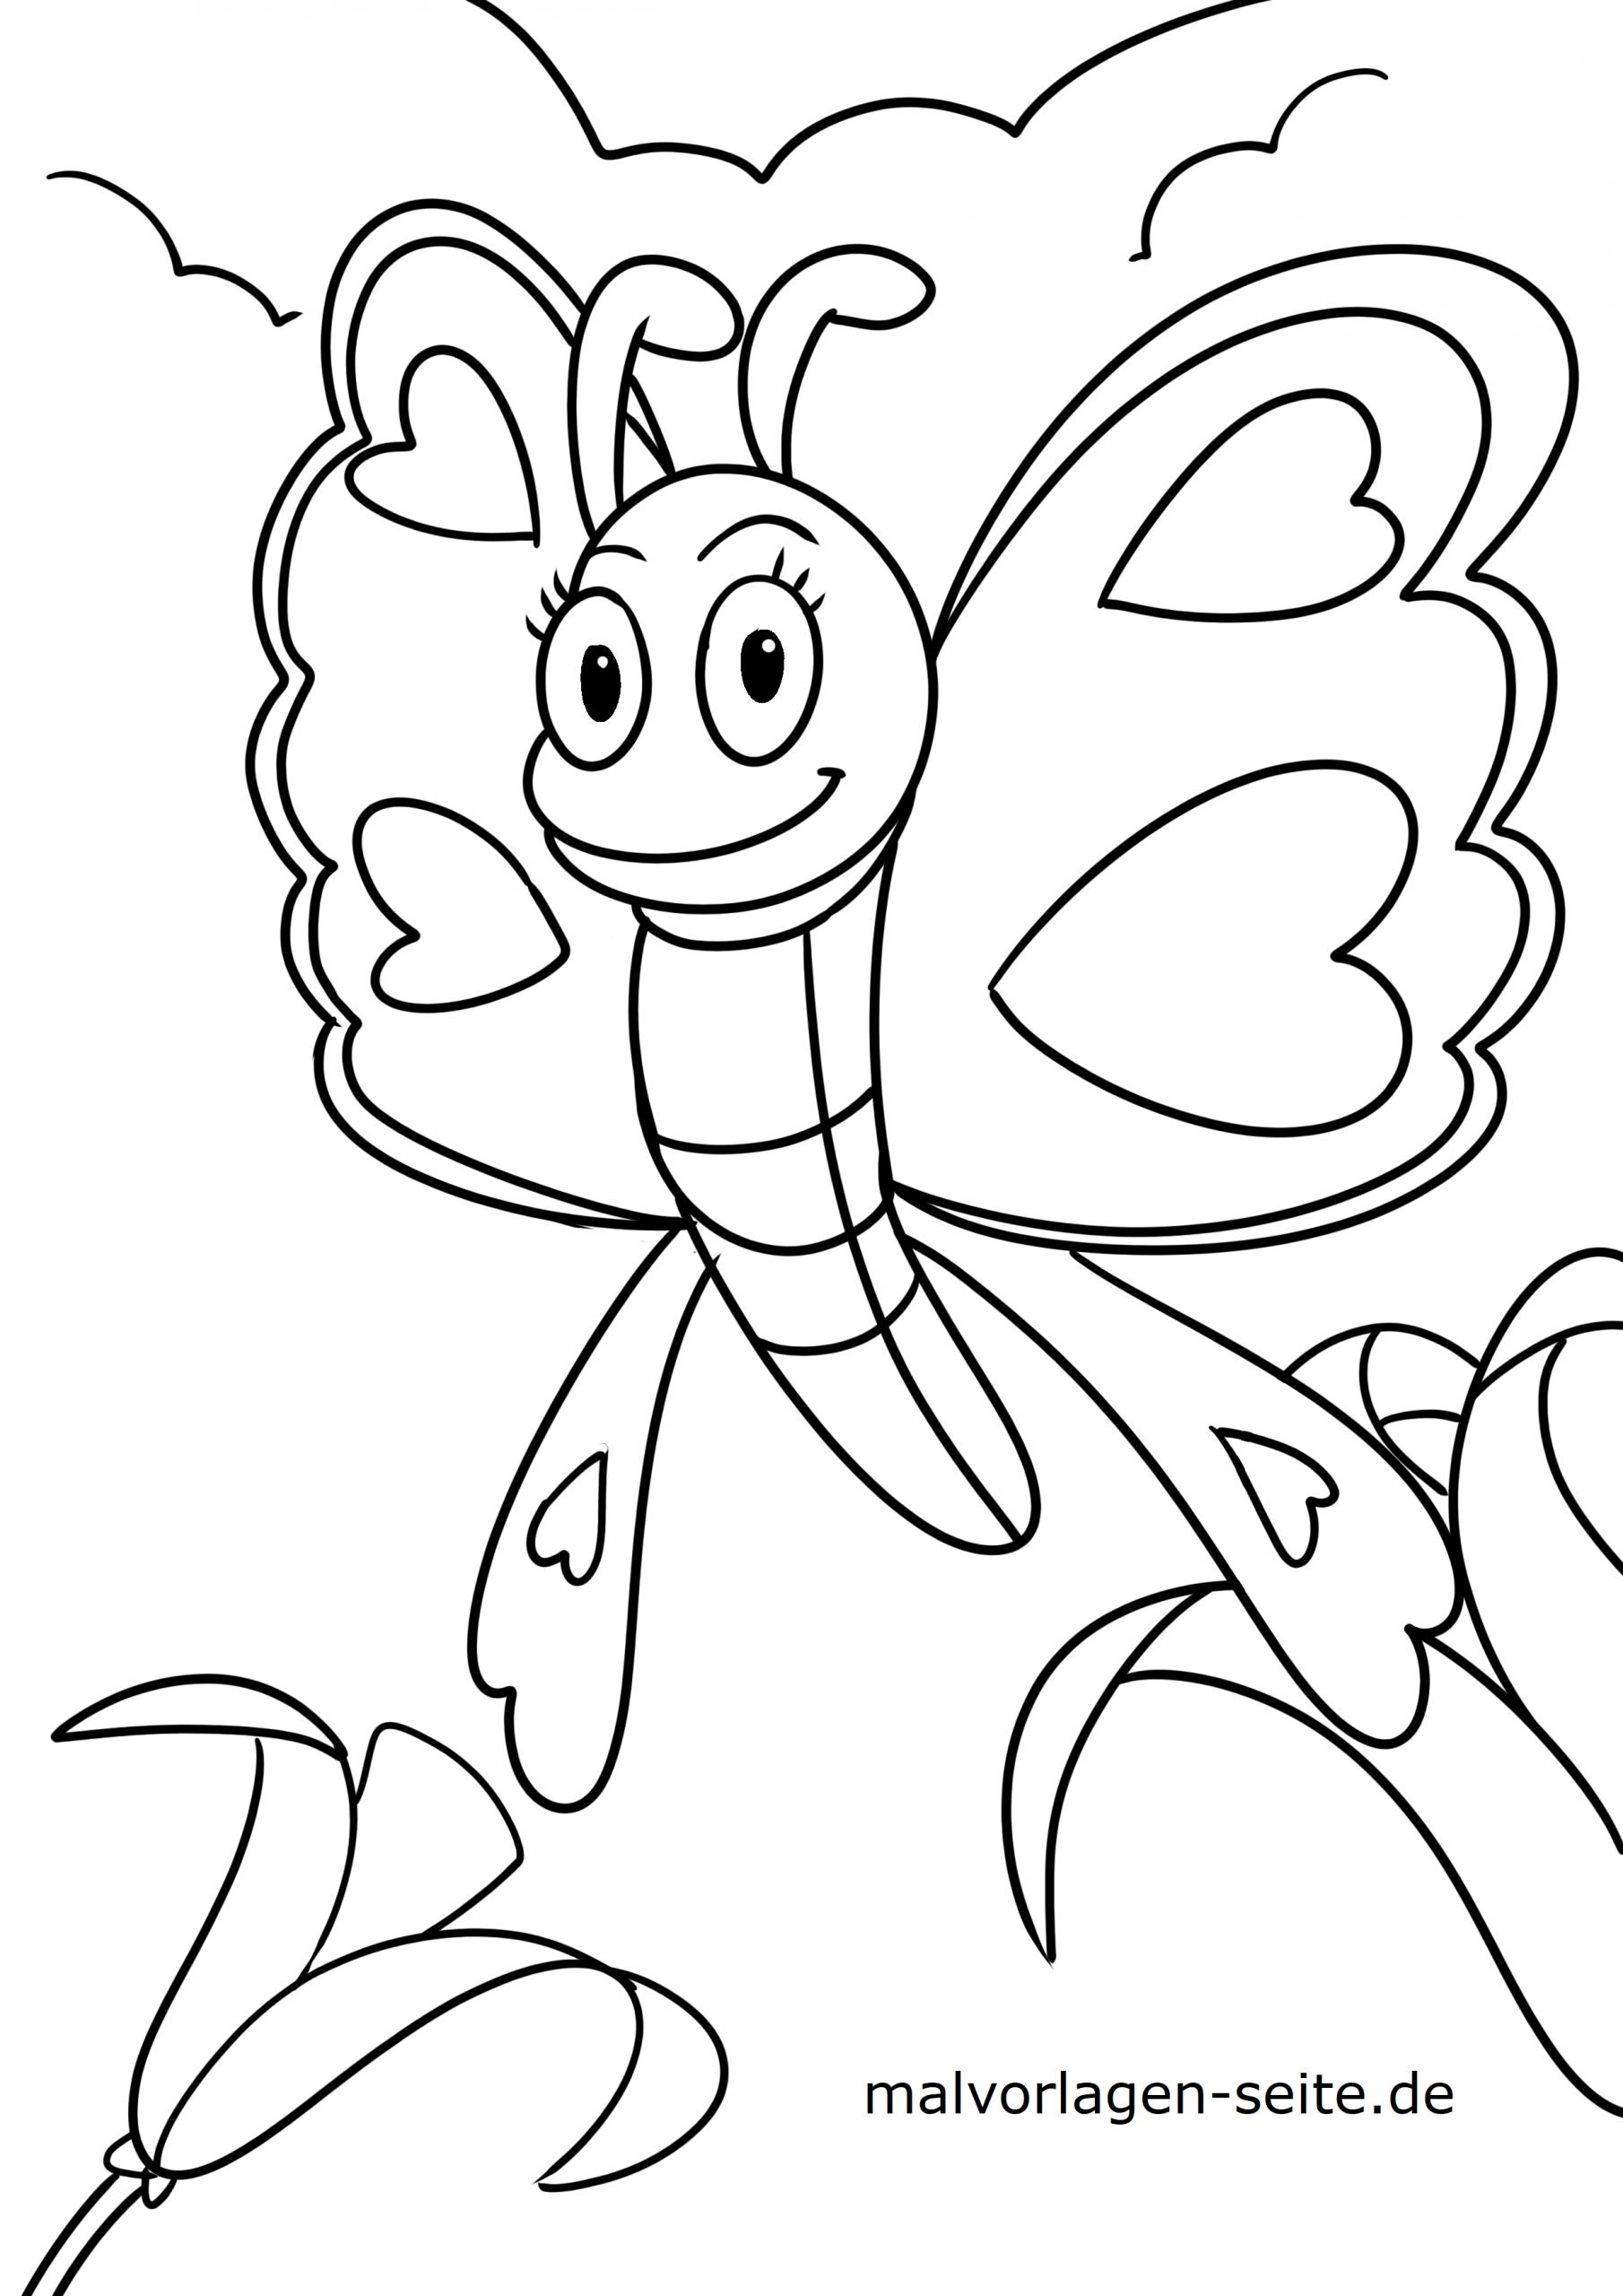 Malvorlage Schmetterling - Ausmalbilder Kostenlos Herunterladen bestimmt für Malvorlagen Schmetterlinge